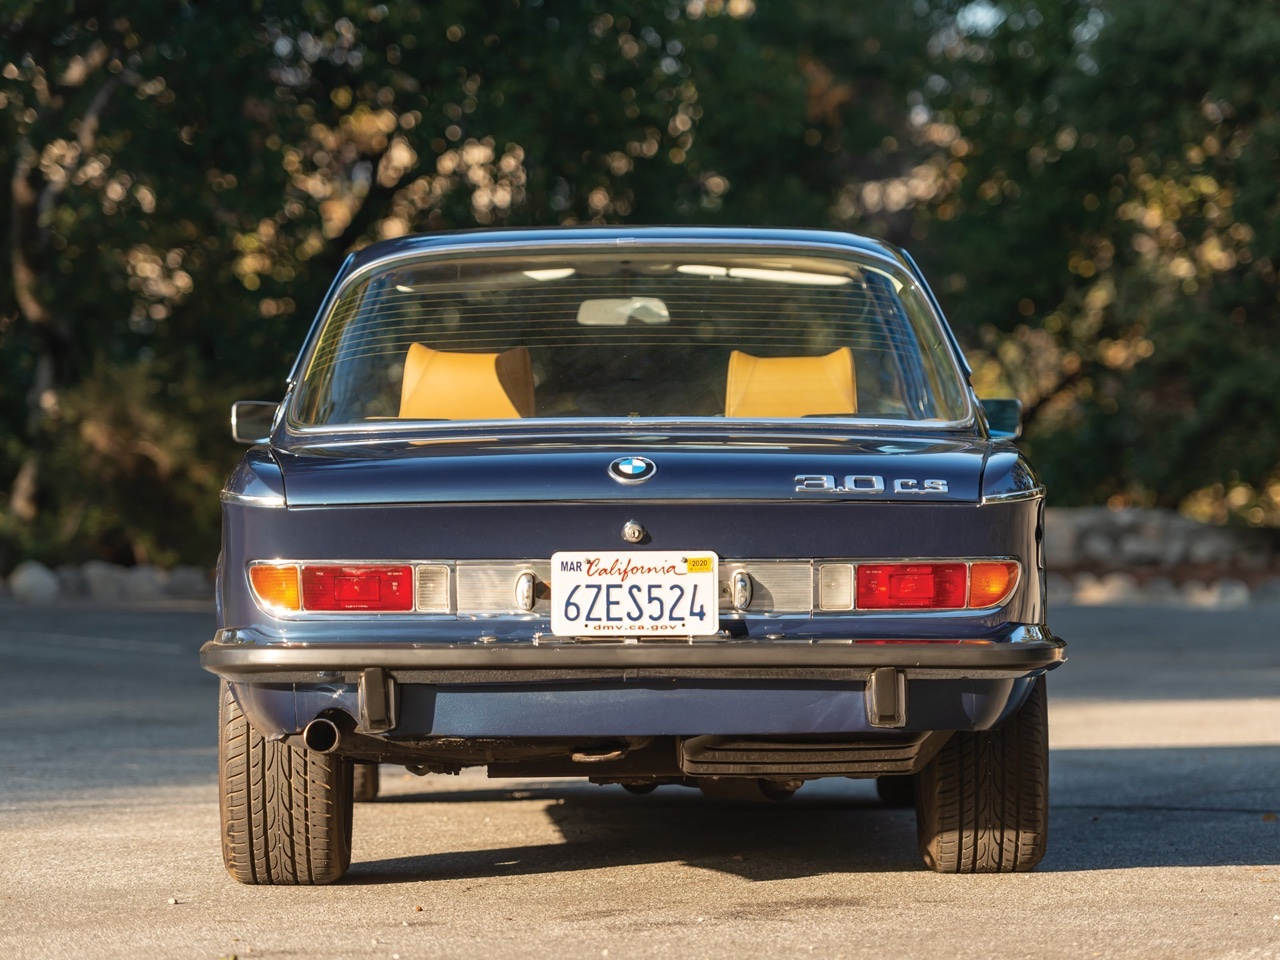 BMW E9 3.0 CS 1974 - Quand Alpina y fout son nez... 6